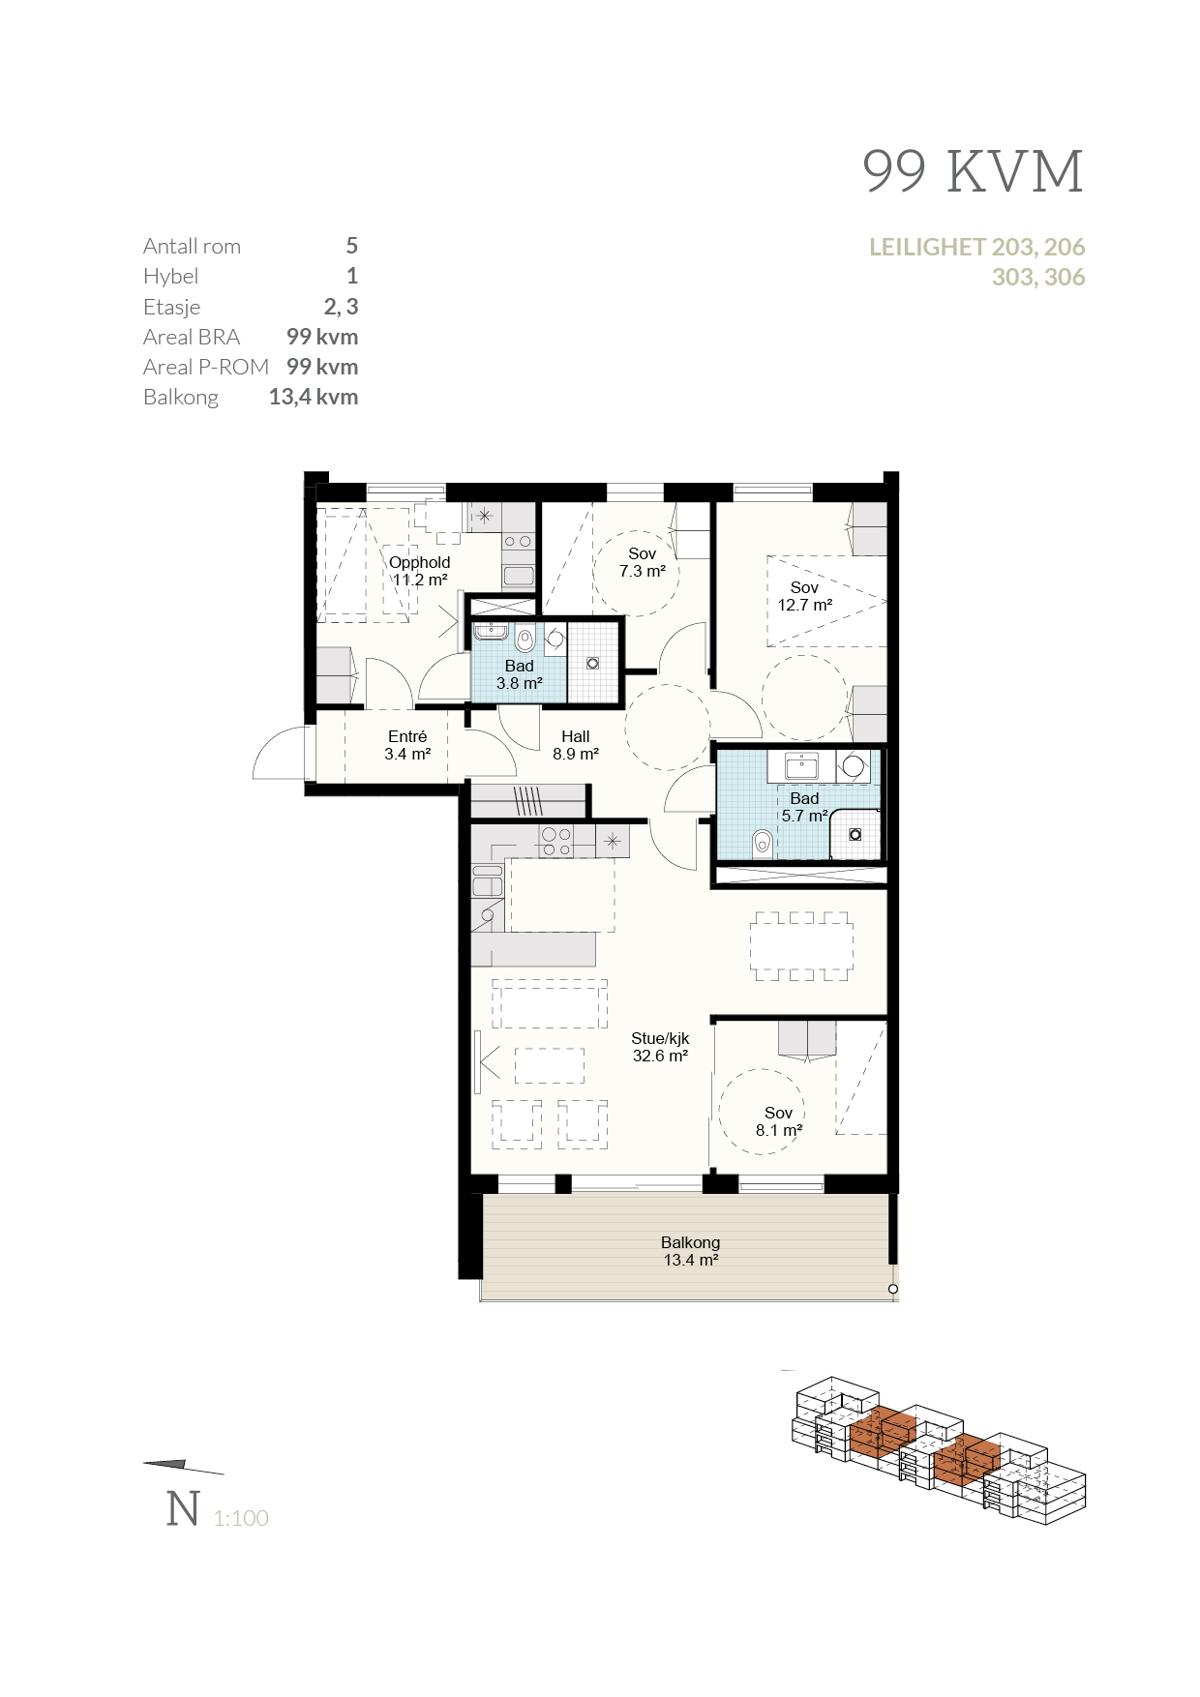 Plantegning leilighet 303